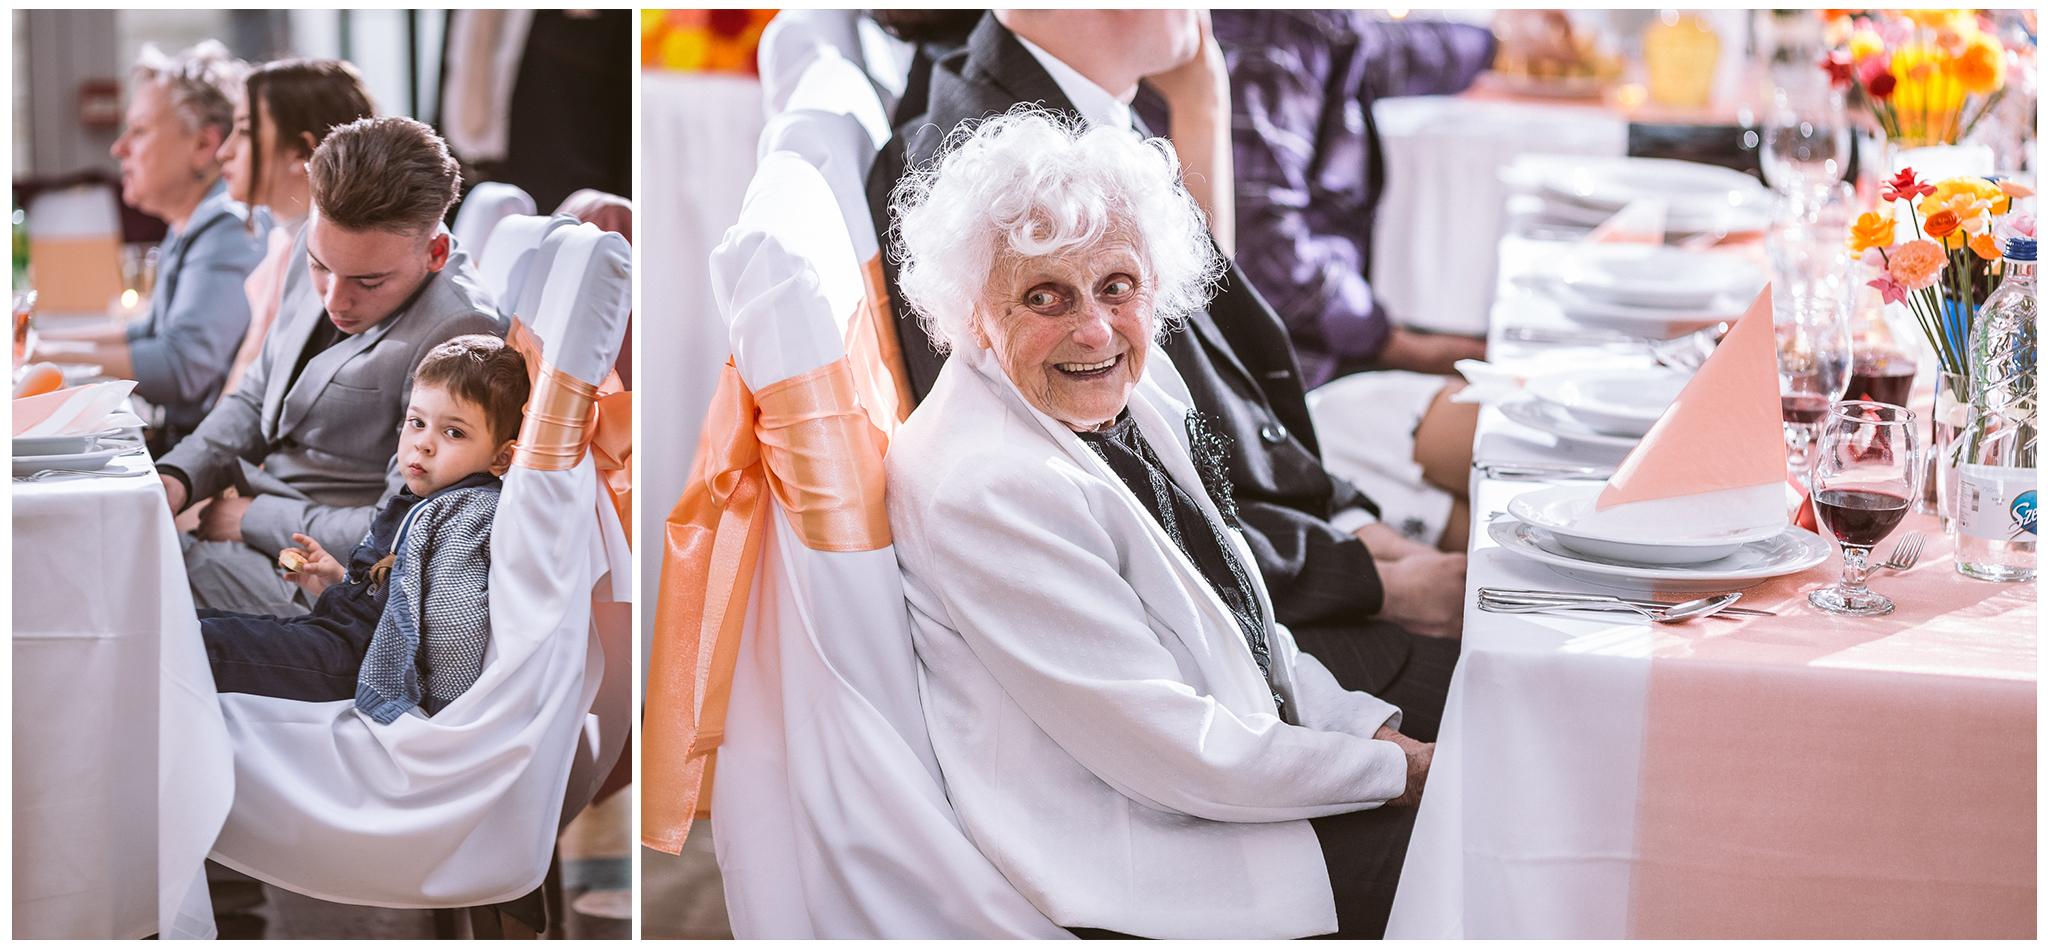 FylepPhoto, esküvőfotós, esküvői fotós Körmend, Szombathely, esküvőfotózás, magyarország, vas megye, prémium, jegyesfotózás, Fülöp Péter, körmend, kreatív, fotográfus_034.jpg